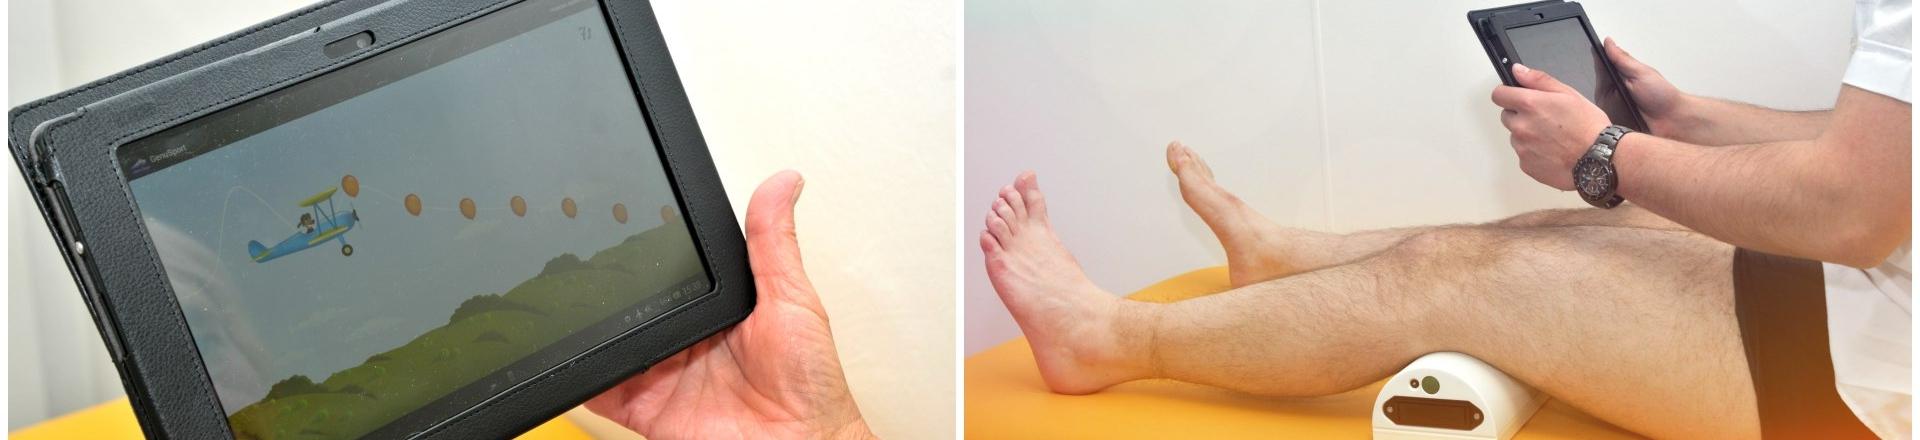 GenuSport - Der App-basierte Knietrainer für das postoperative Training nach einer Knieoperation